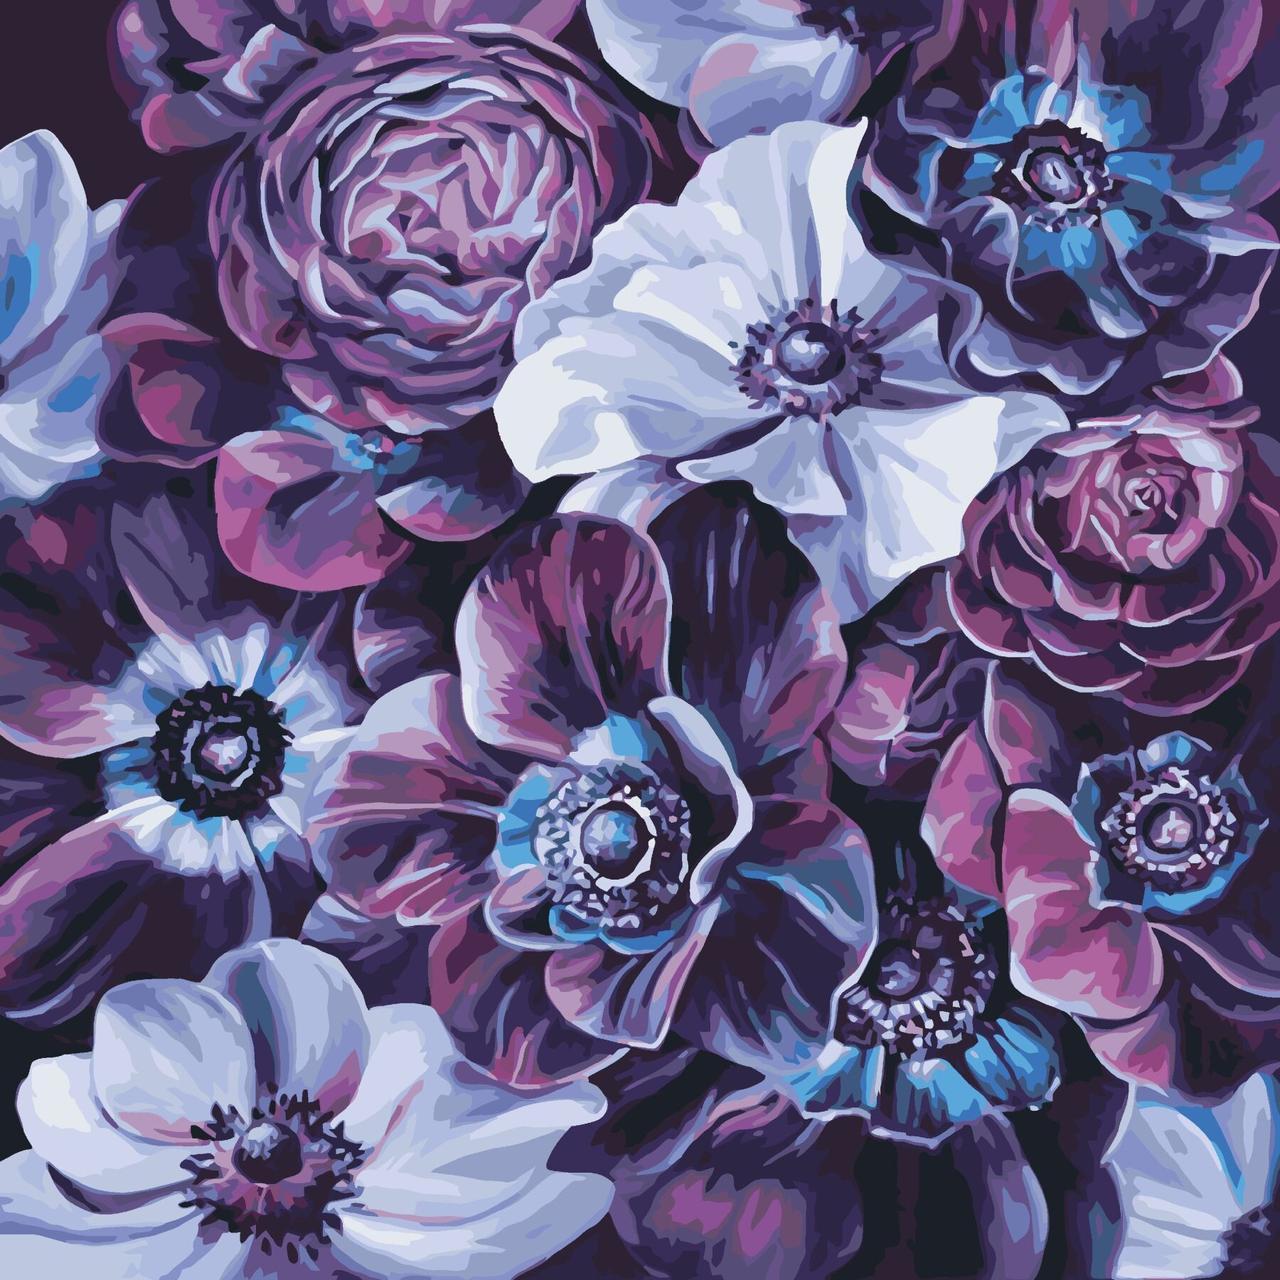 КНО3016 Раскраска по номерам Пурпурнон разнообразие, Без коробки